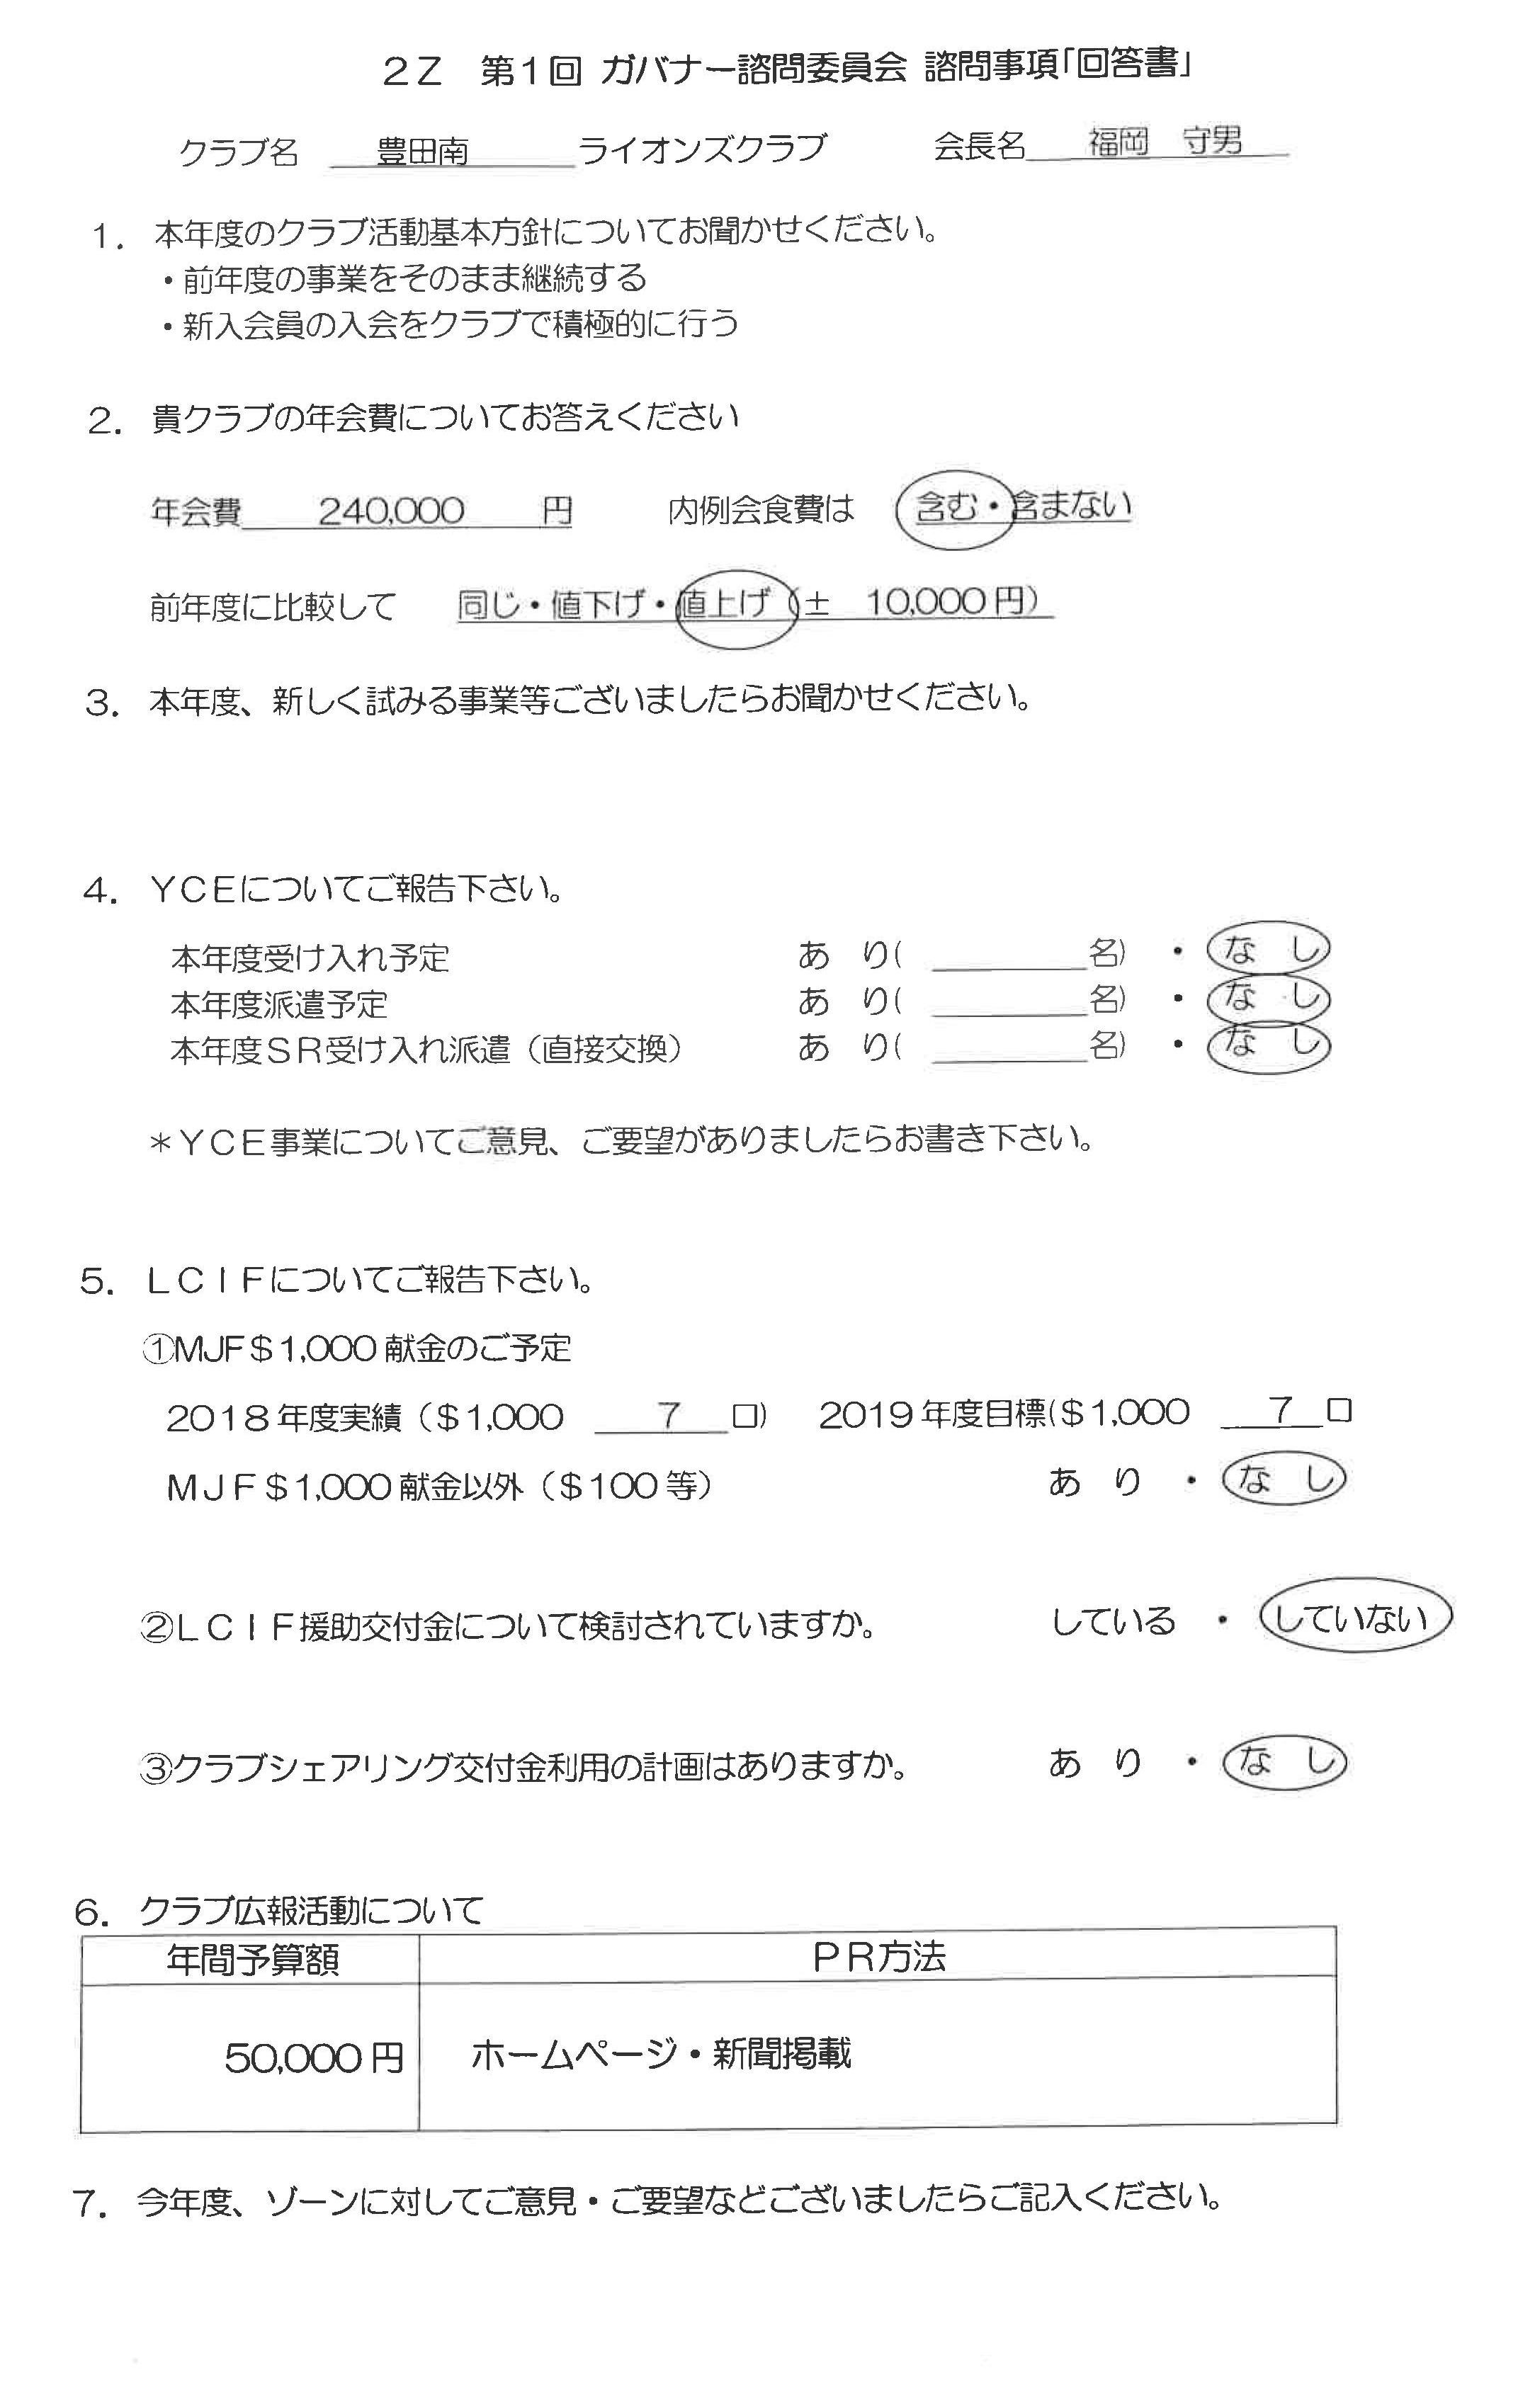 07第1回G諮問委員会Z会議 豊田南LC諮問事項(回答書)1